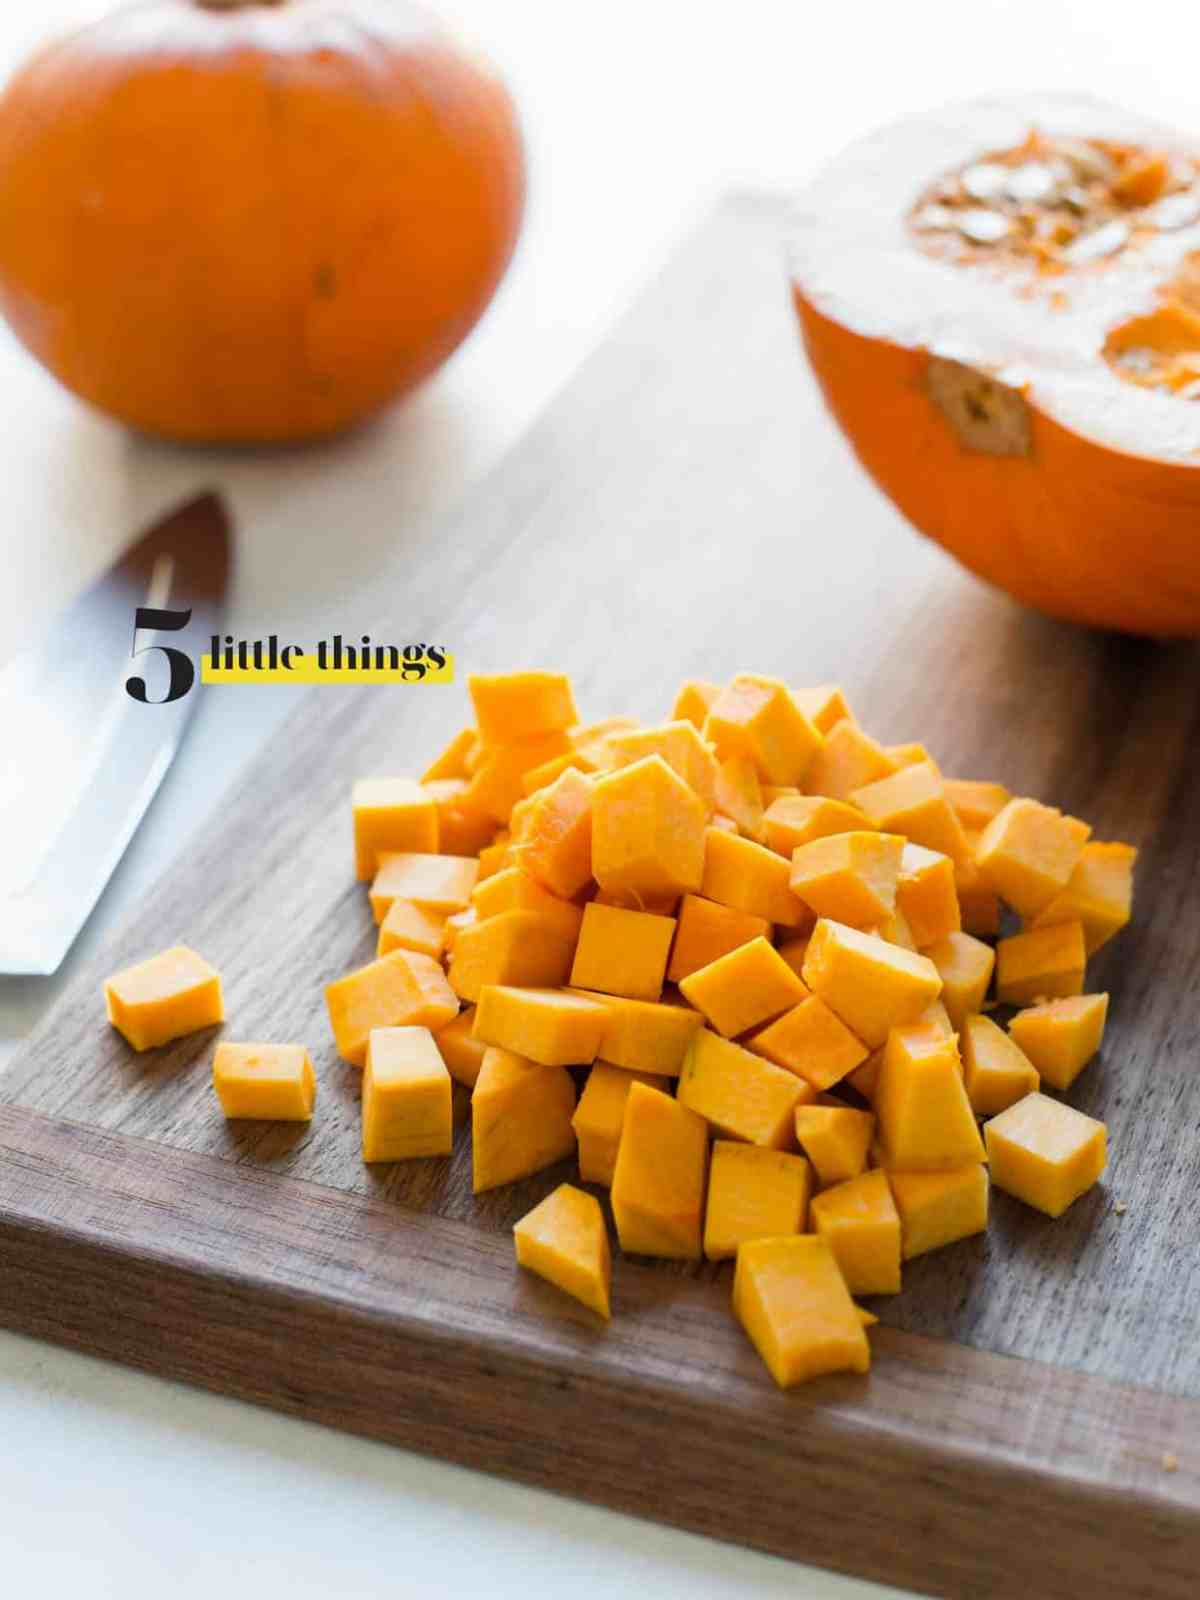 Diced Pumpkin on a wooden cutting board.